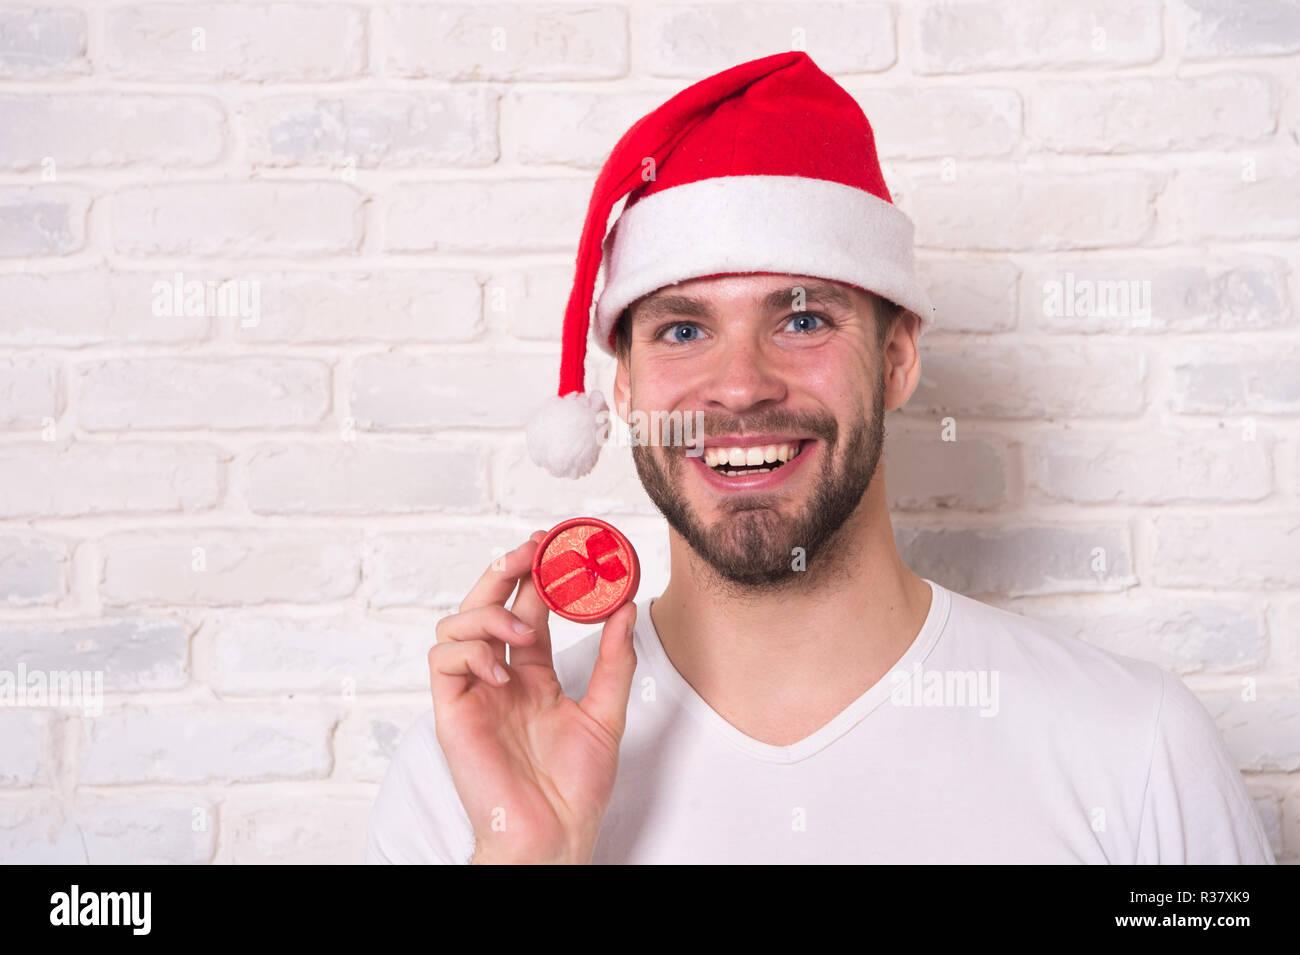 Frohe Weihnachten und Ein Glückliches Neues Jahr Stockfotos & Frohe ...